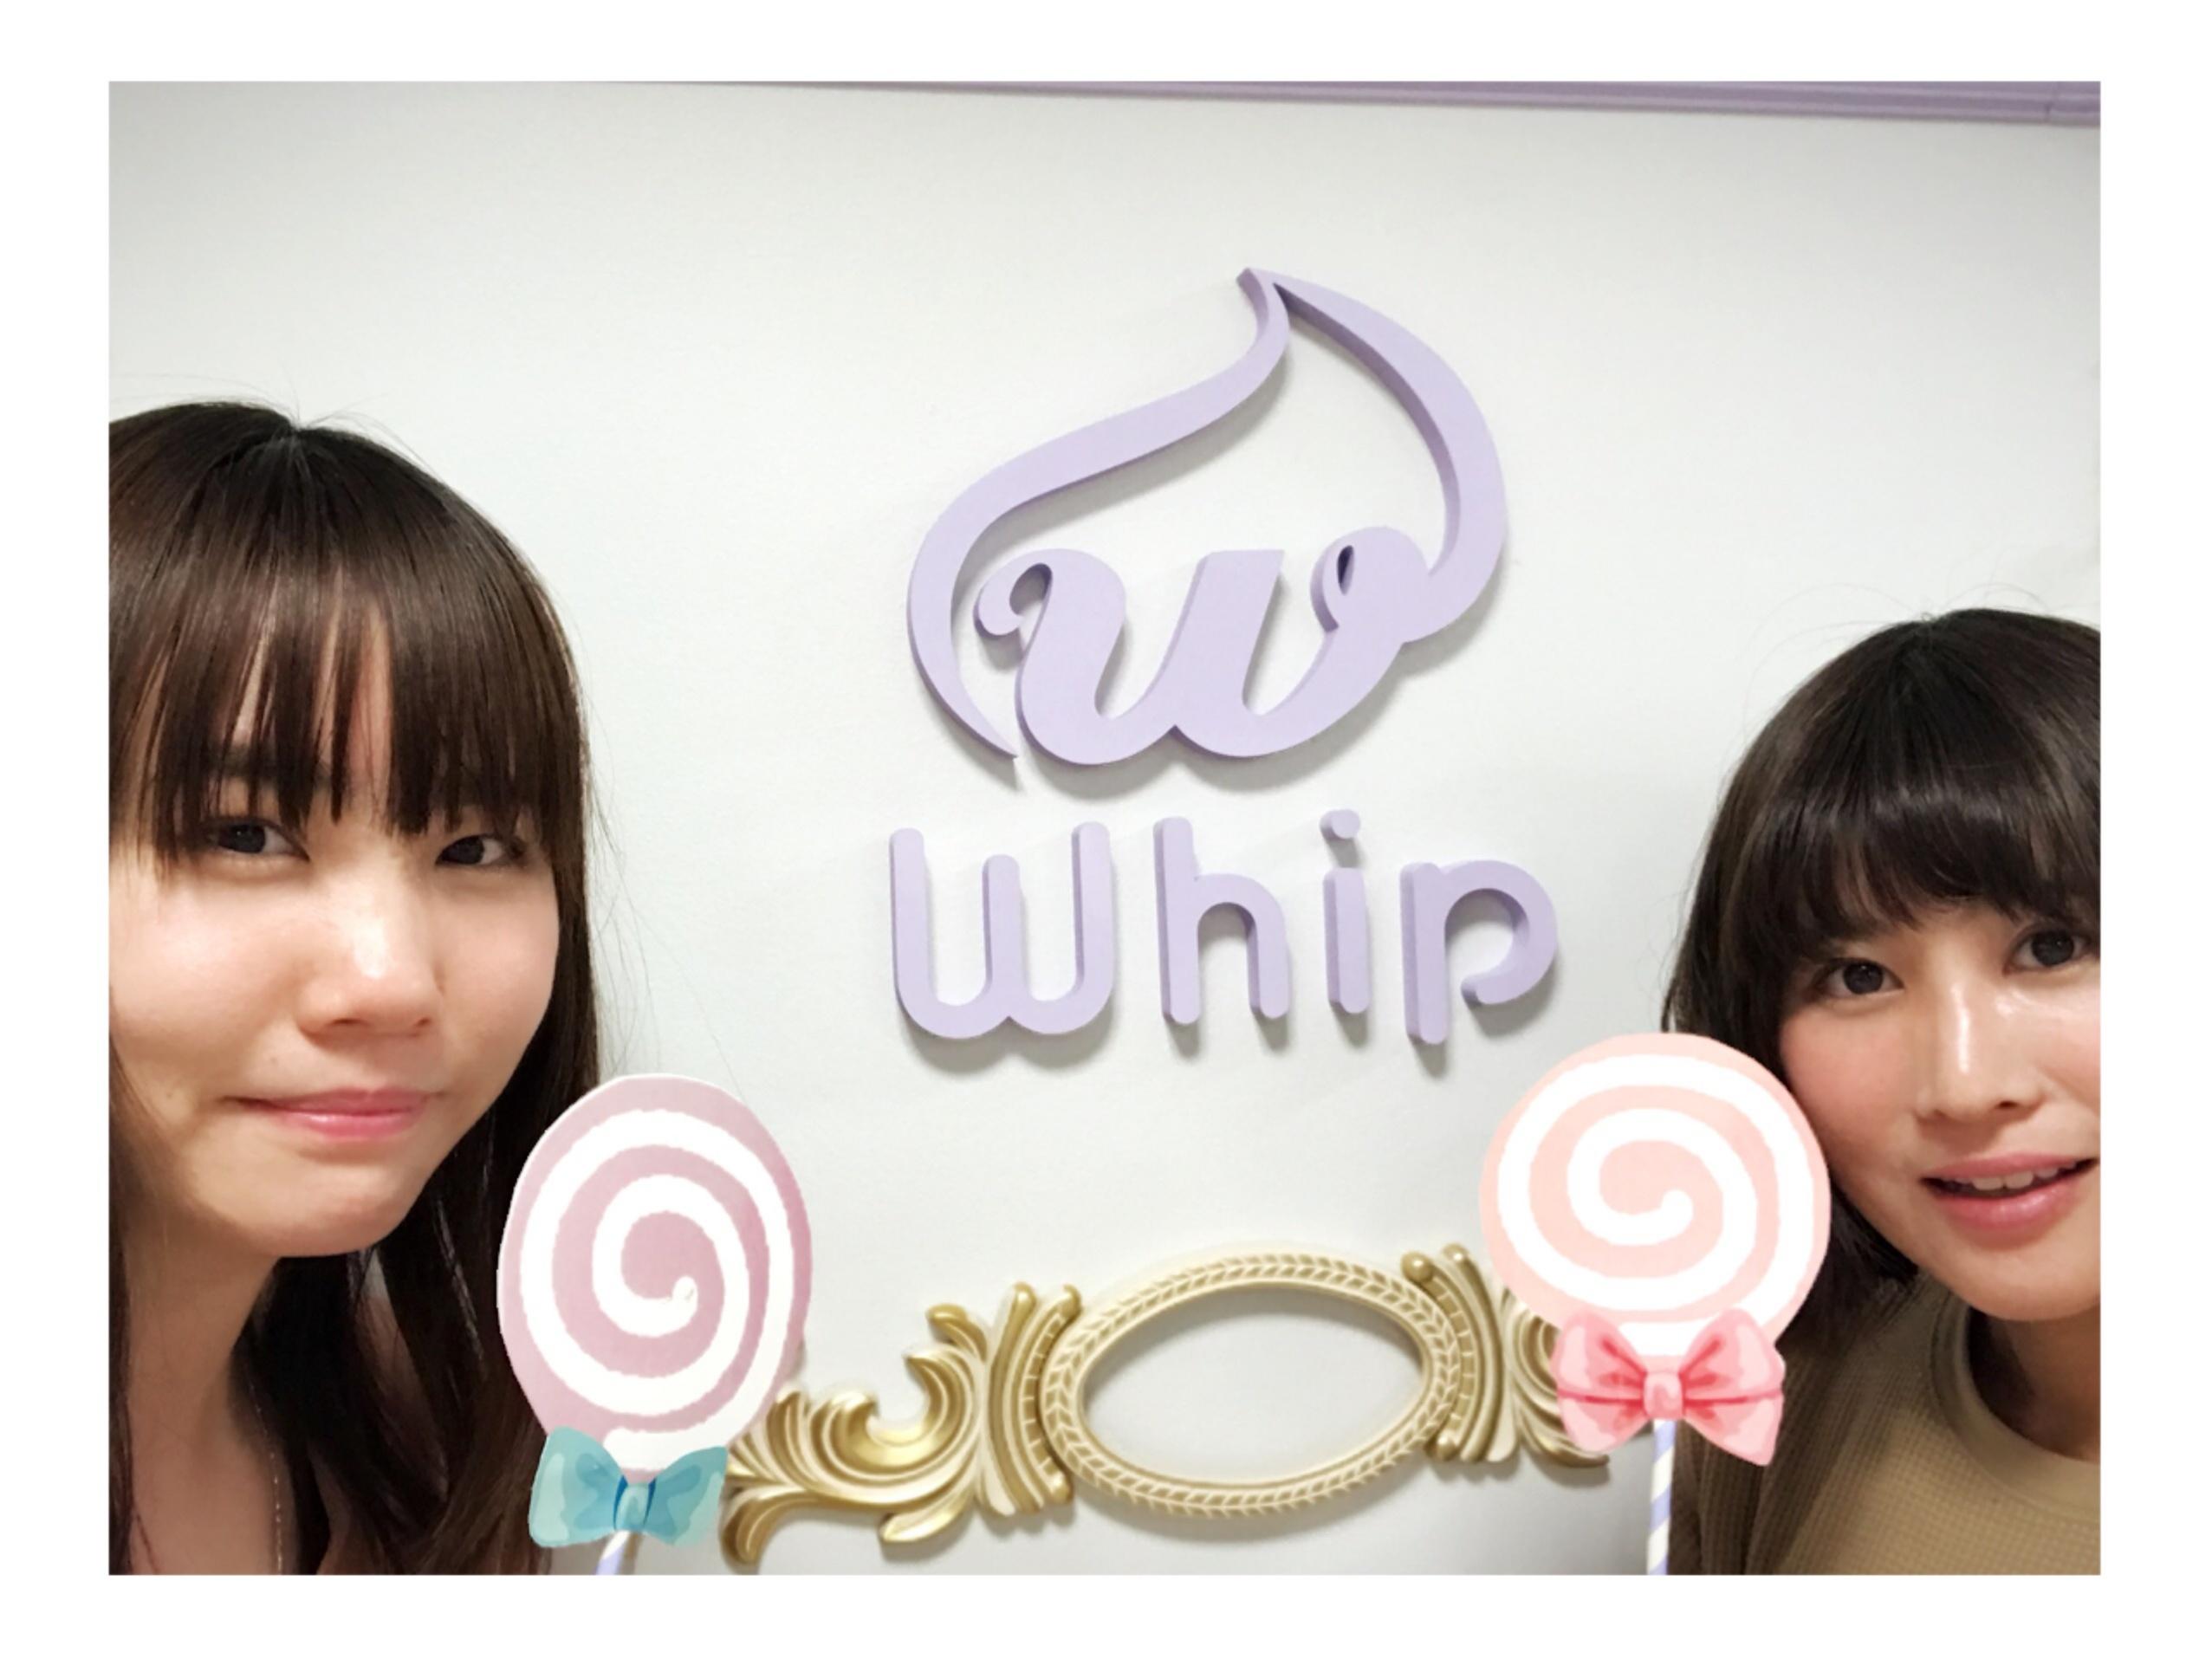 """【お出掛け】"""" Whip """"って知ってる?友達と遊び感覚でお菓子を作って楽しめるスポット♡‧⁺_1"""